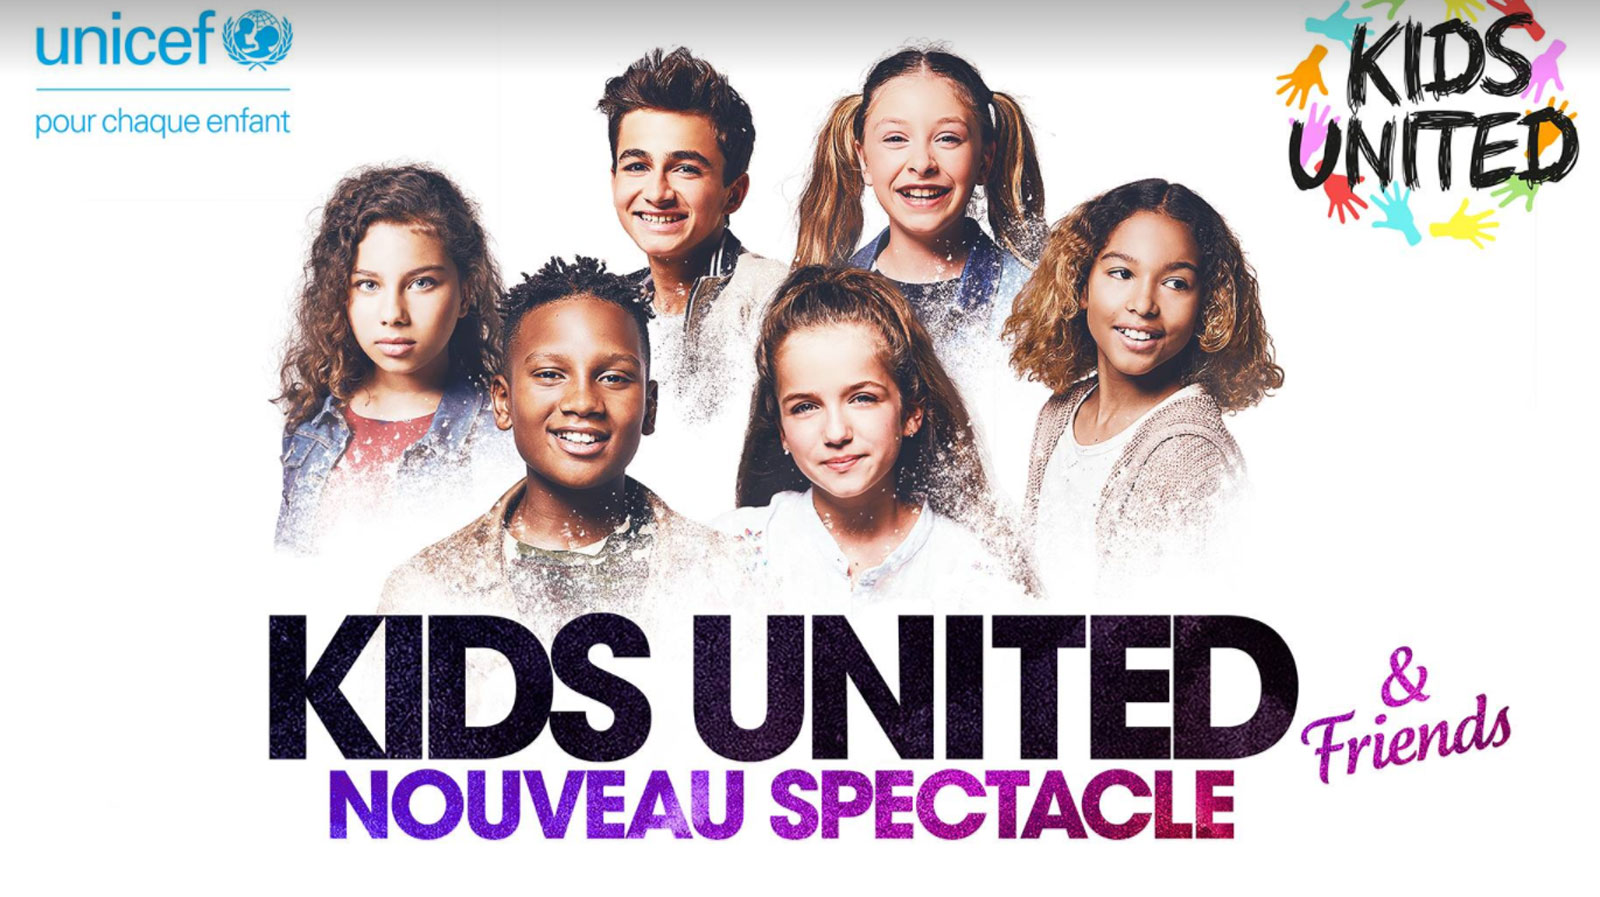 Concert : les Kids United de retour aux Arènes de Metz en 2018